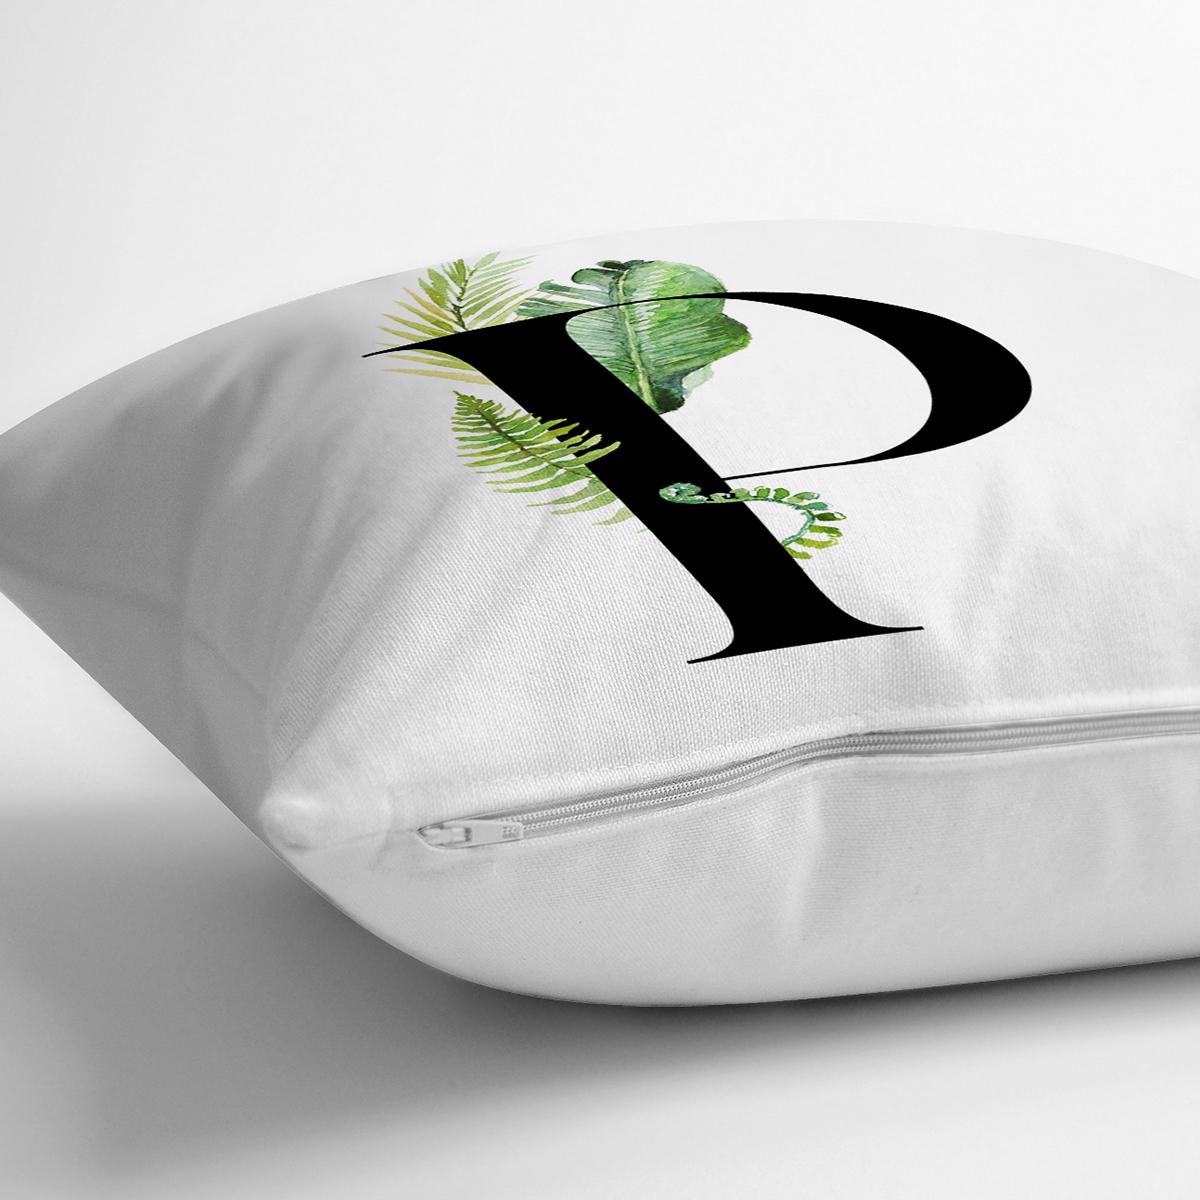 Beyaz Zemin Yaprak Motifli Siyah P Harfi Özel Tasarım Dijital Baskılı Yastık Kırlent Kılıfı Realhomes